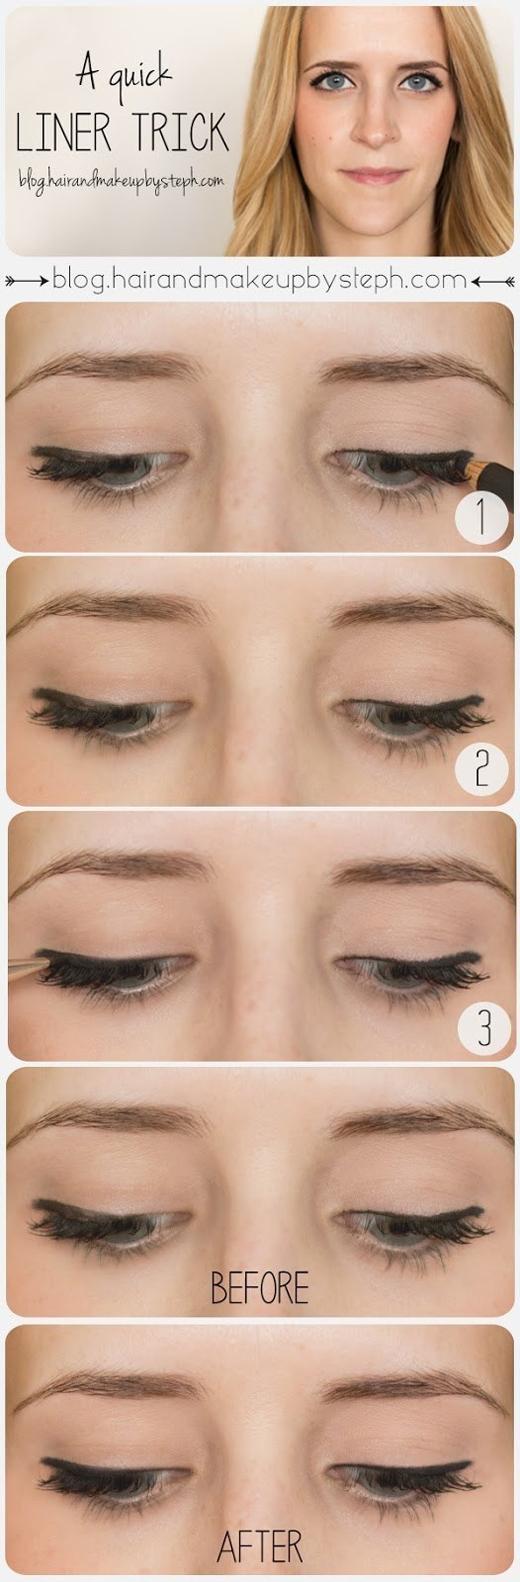 Dùng một chút phấn mắt màu đen để che bớt đường eyeliner chưa chuẩn.(Ảnh: Internet)